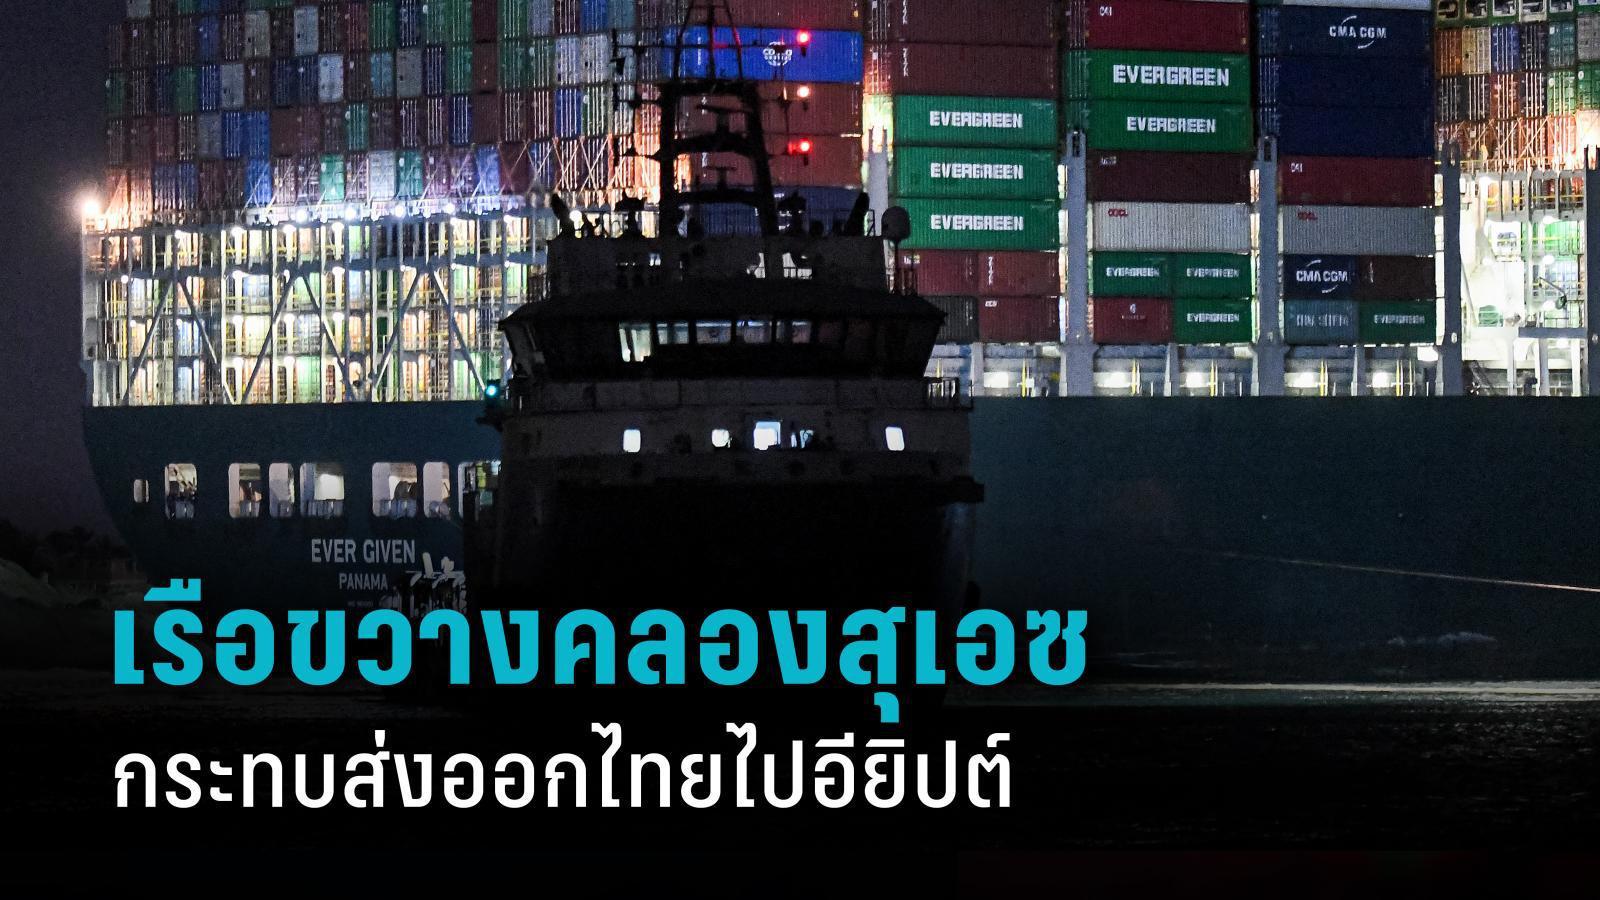 """ปรับแผนขนส่งสินค้า เหตุ """"เรือขวางคลองสุเอซ"""" กระทบส่งออกไทยไปอียิปต์"""